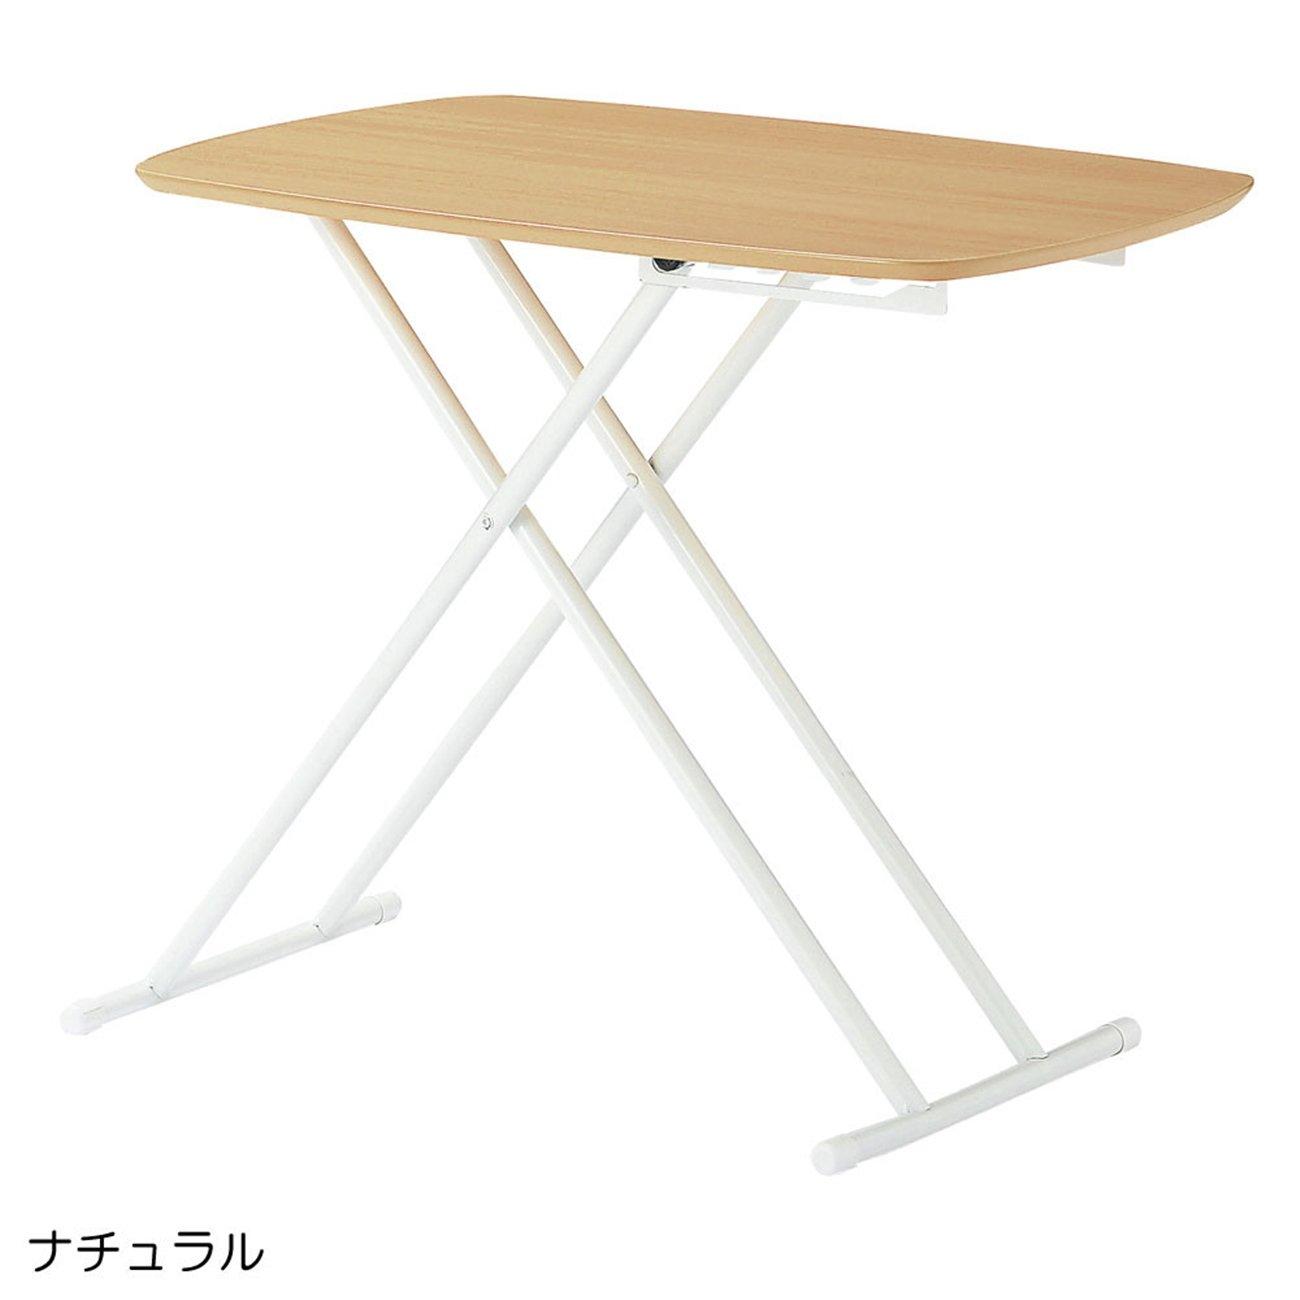 リフティングテーブル 高さ調節 木目柄 リフトテーブル ナチュラル B01E8K4QFW